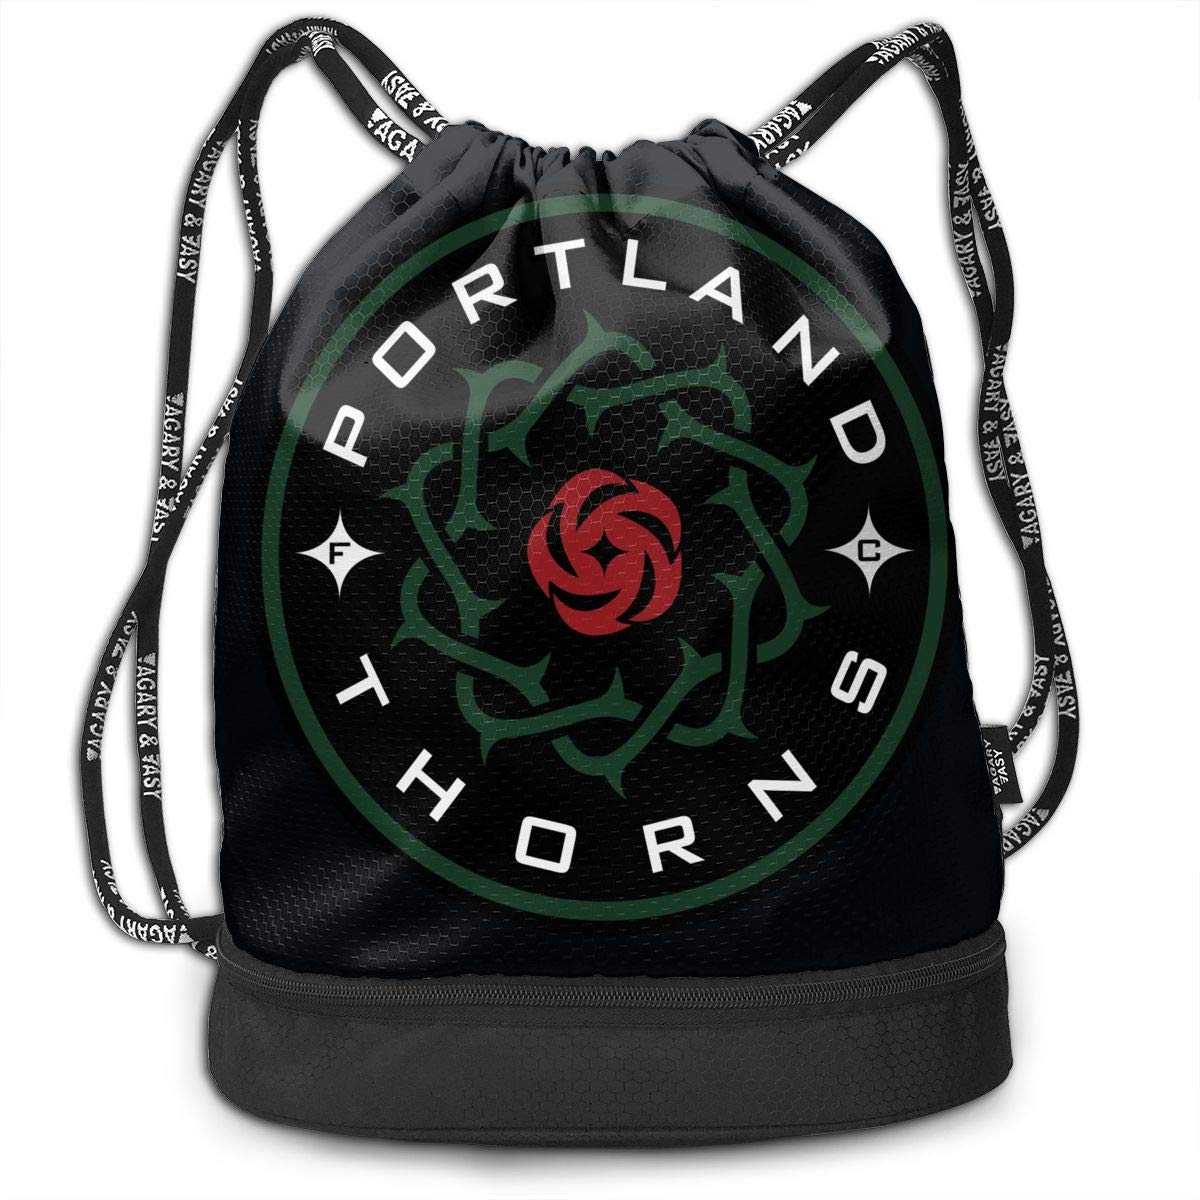 CUSARTSHOP Praise The Sun Funny Drawstring Bag Shoulder Rope Bag Storage Protable Backpack Stuff Sack Outdoor Bag Sport Draw Pocket Handbag